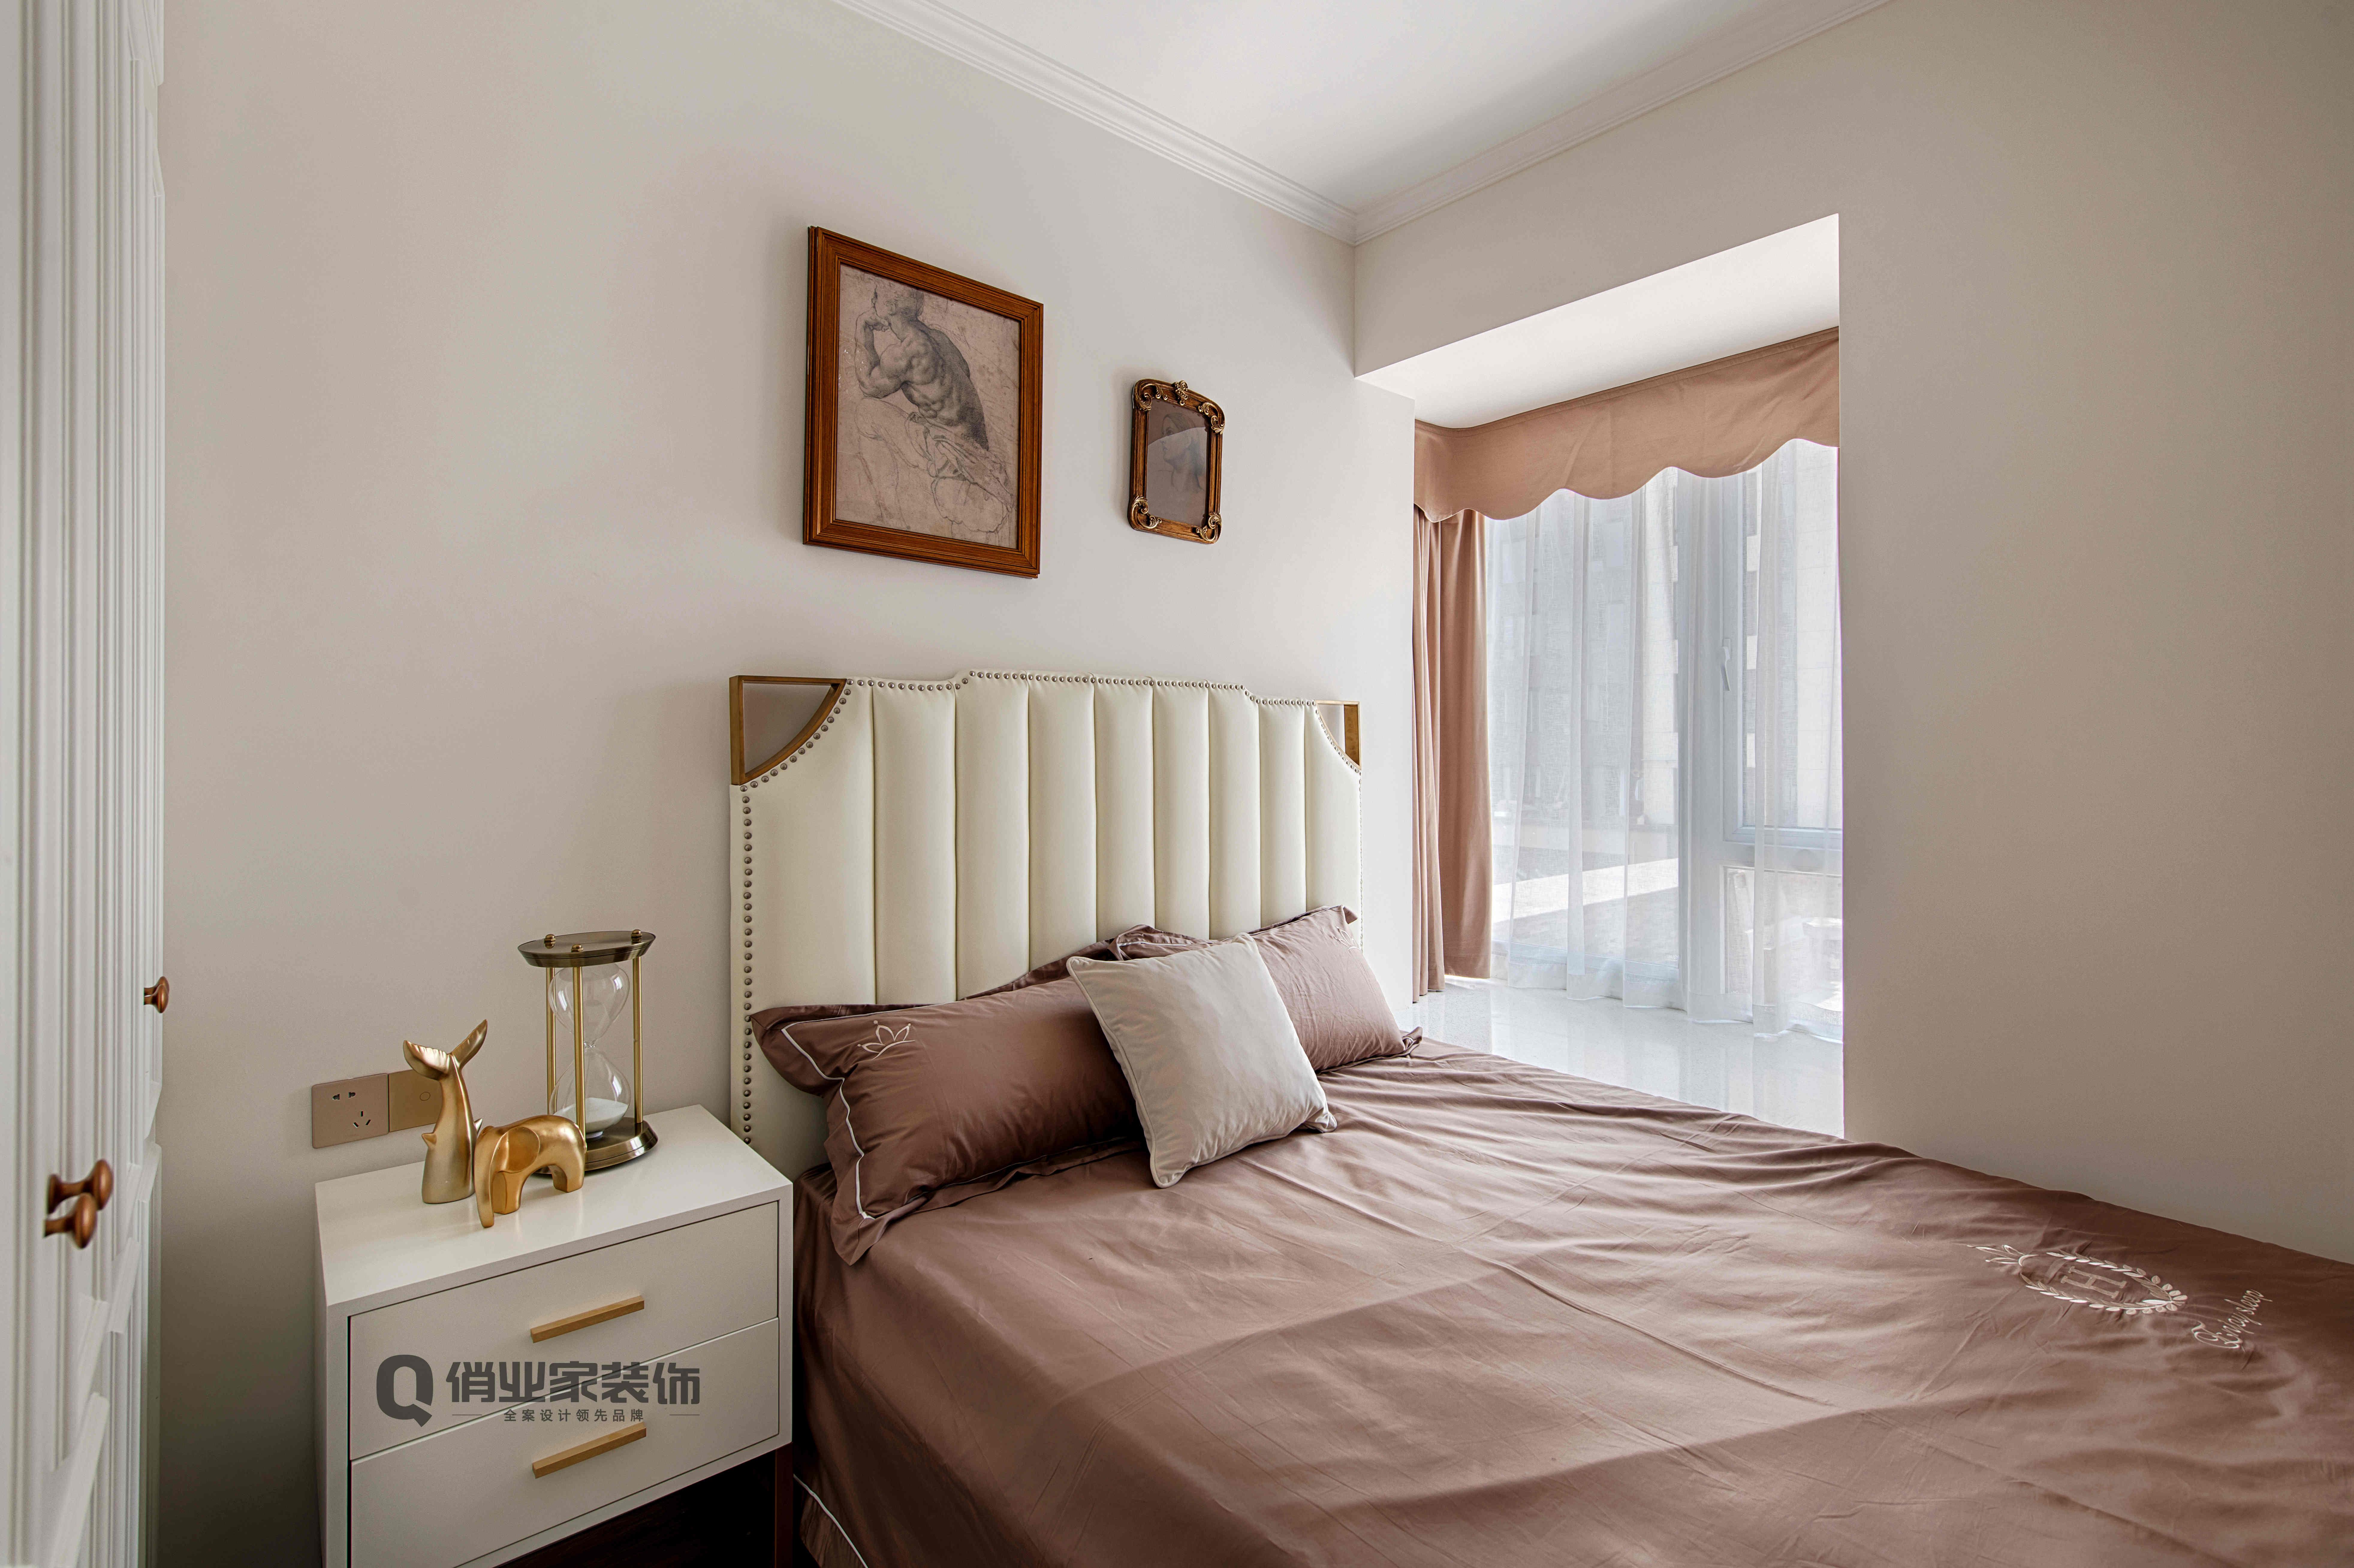 轻奢 法式 装修 卧室图片来自俏业家装饰在万科金域学府法式装修的分享